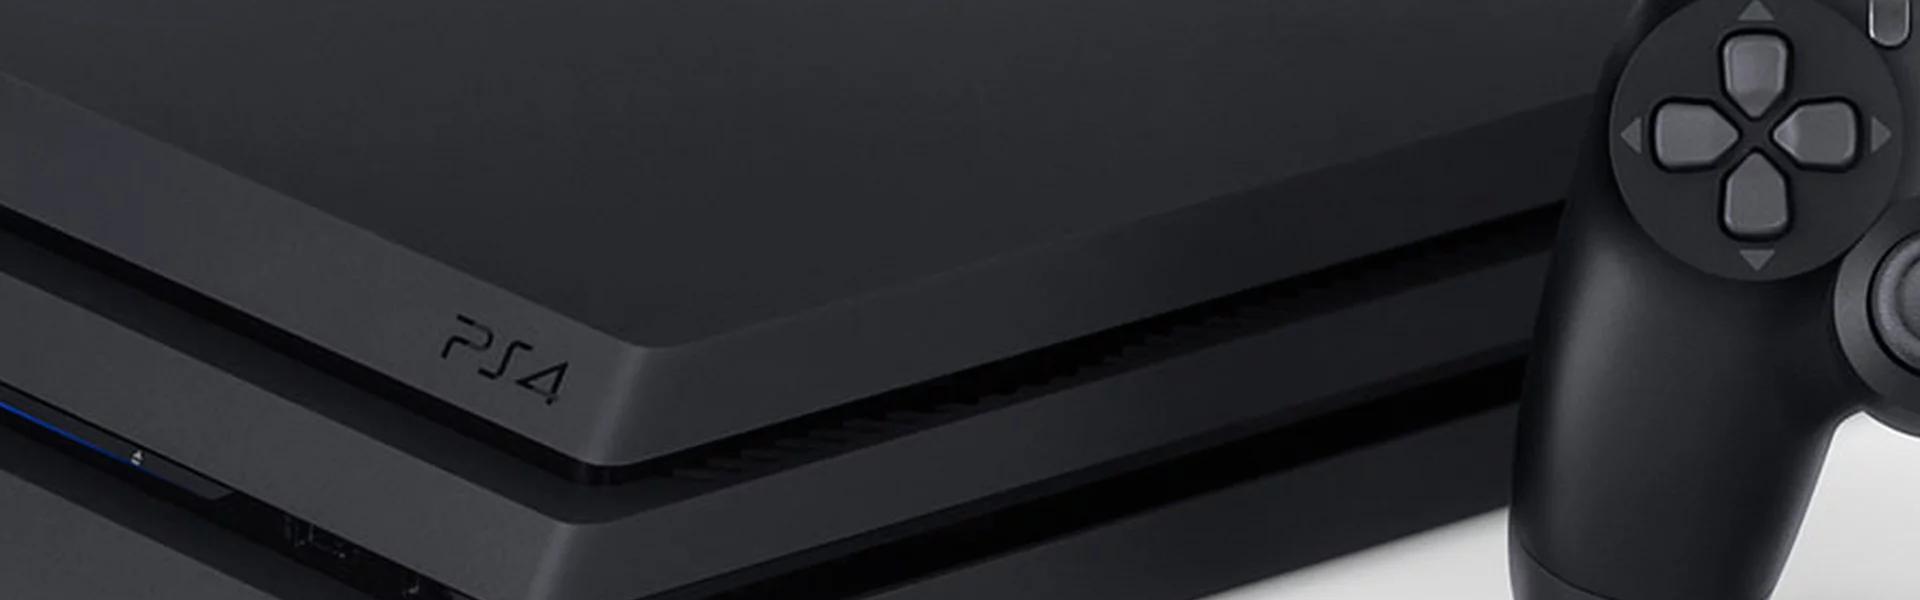 PS4 Update 7